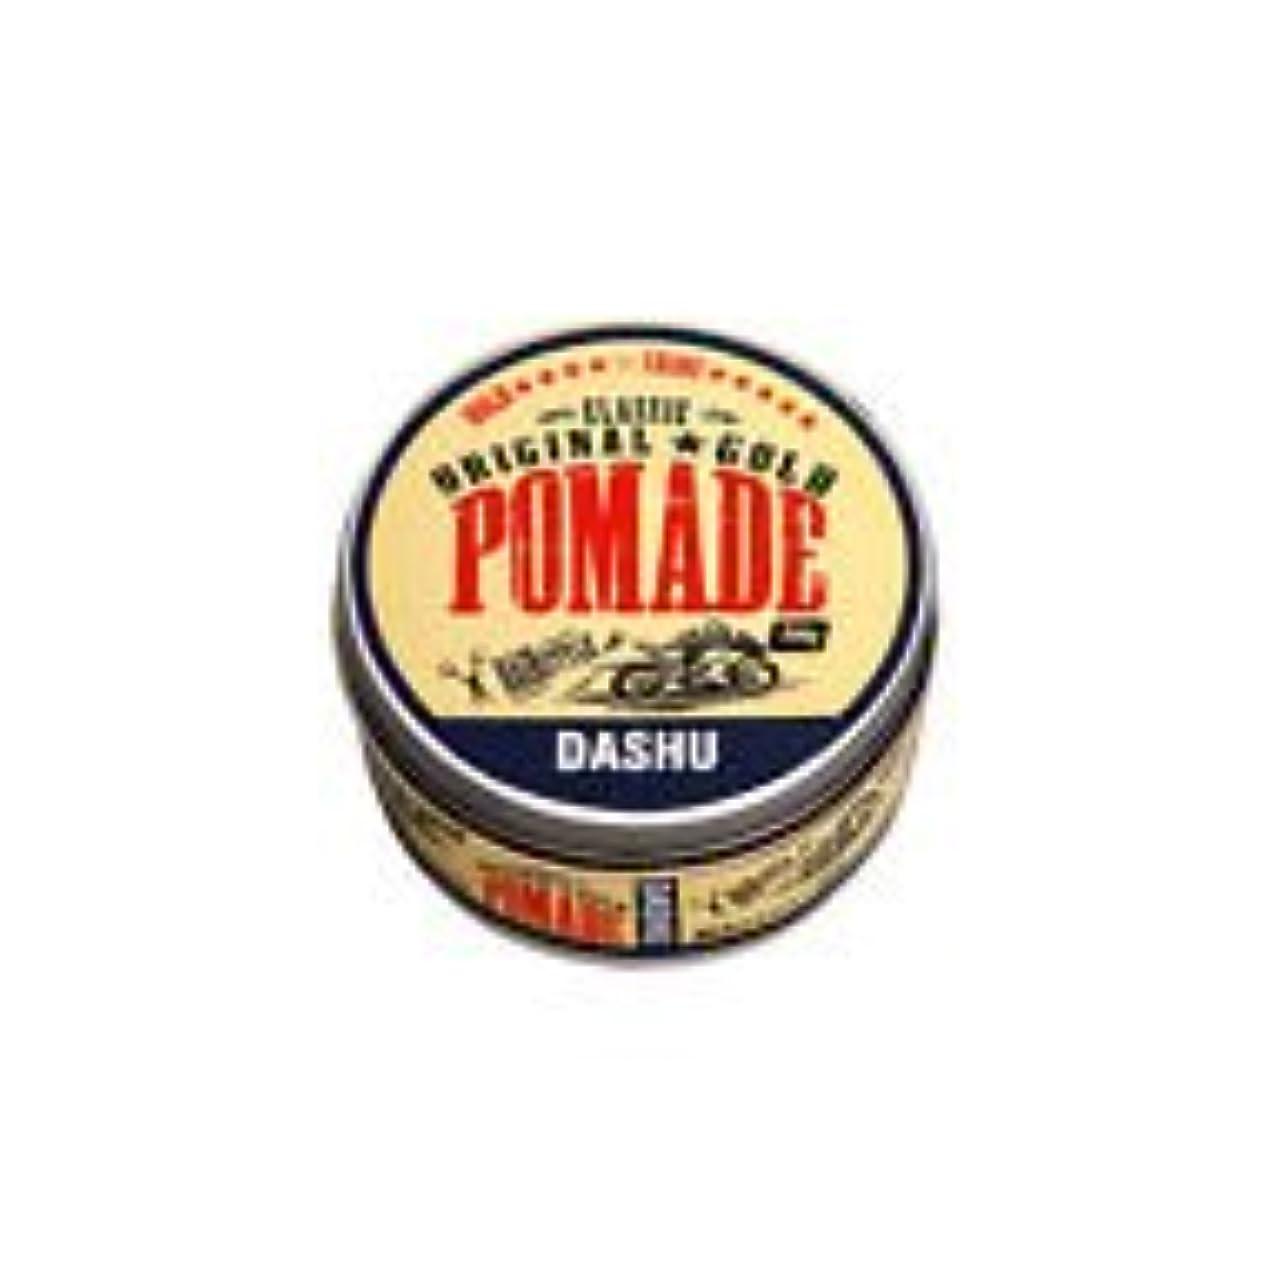 一掃するブルーベル思春期の[DASHU] ダシュ クラシックオリジナルゴールドポマードヘアワックス Classic Original Gold Pomade Hair Wax 100ml / 韓国製 . 韓国直送品